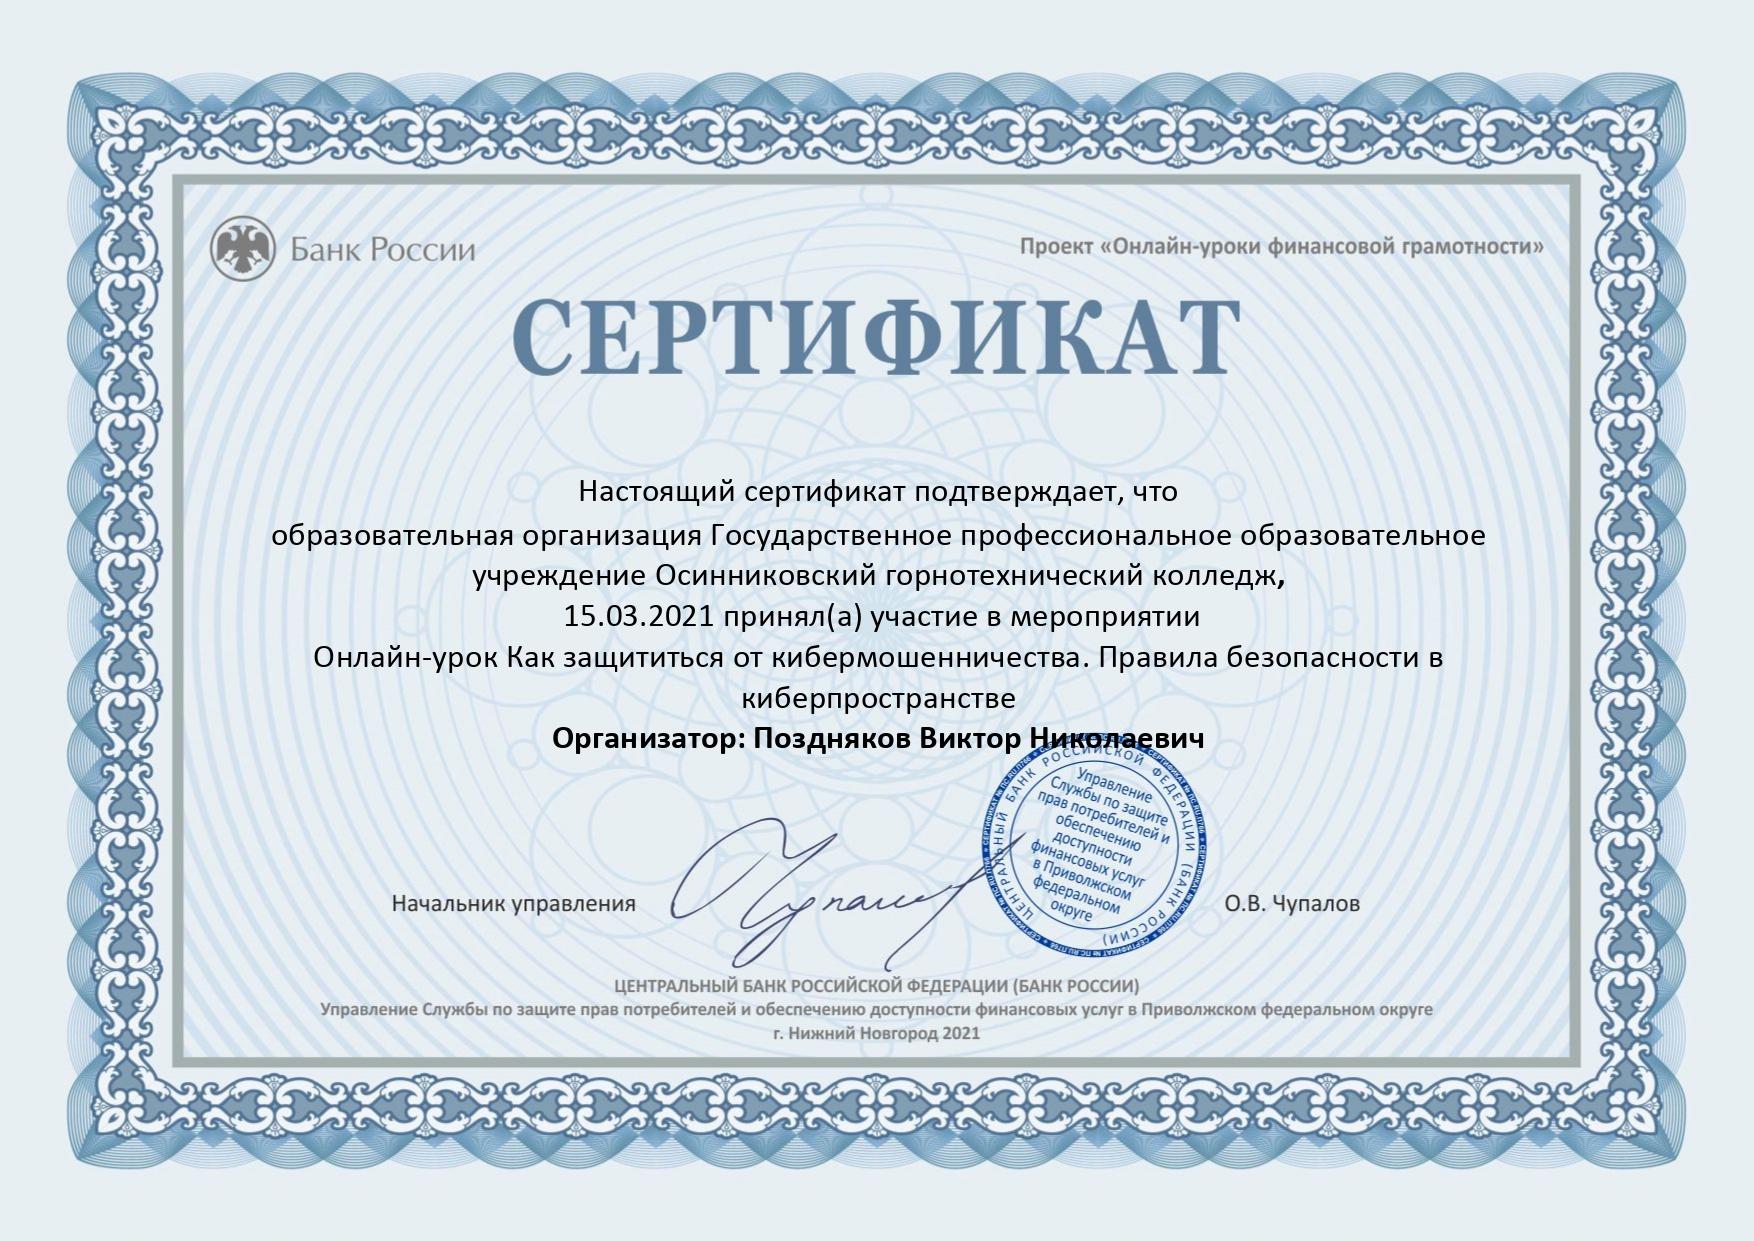 Внеаудиторные мероприятия «Онлайн-уроки по финансовой грамотности»